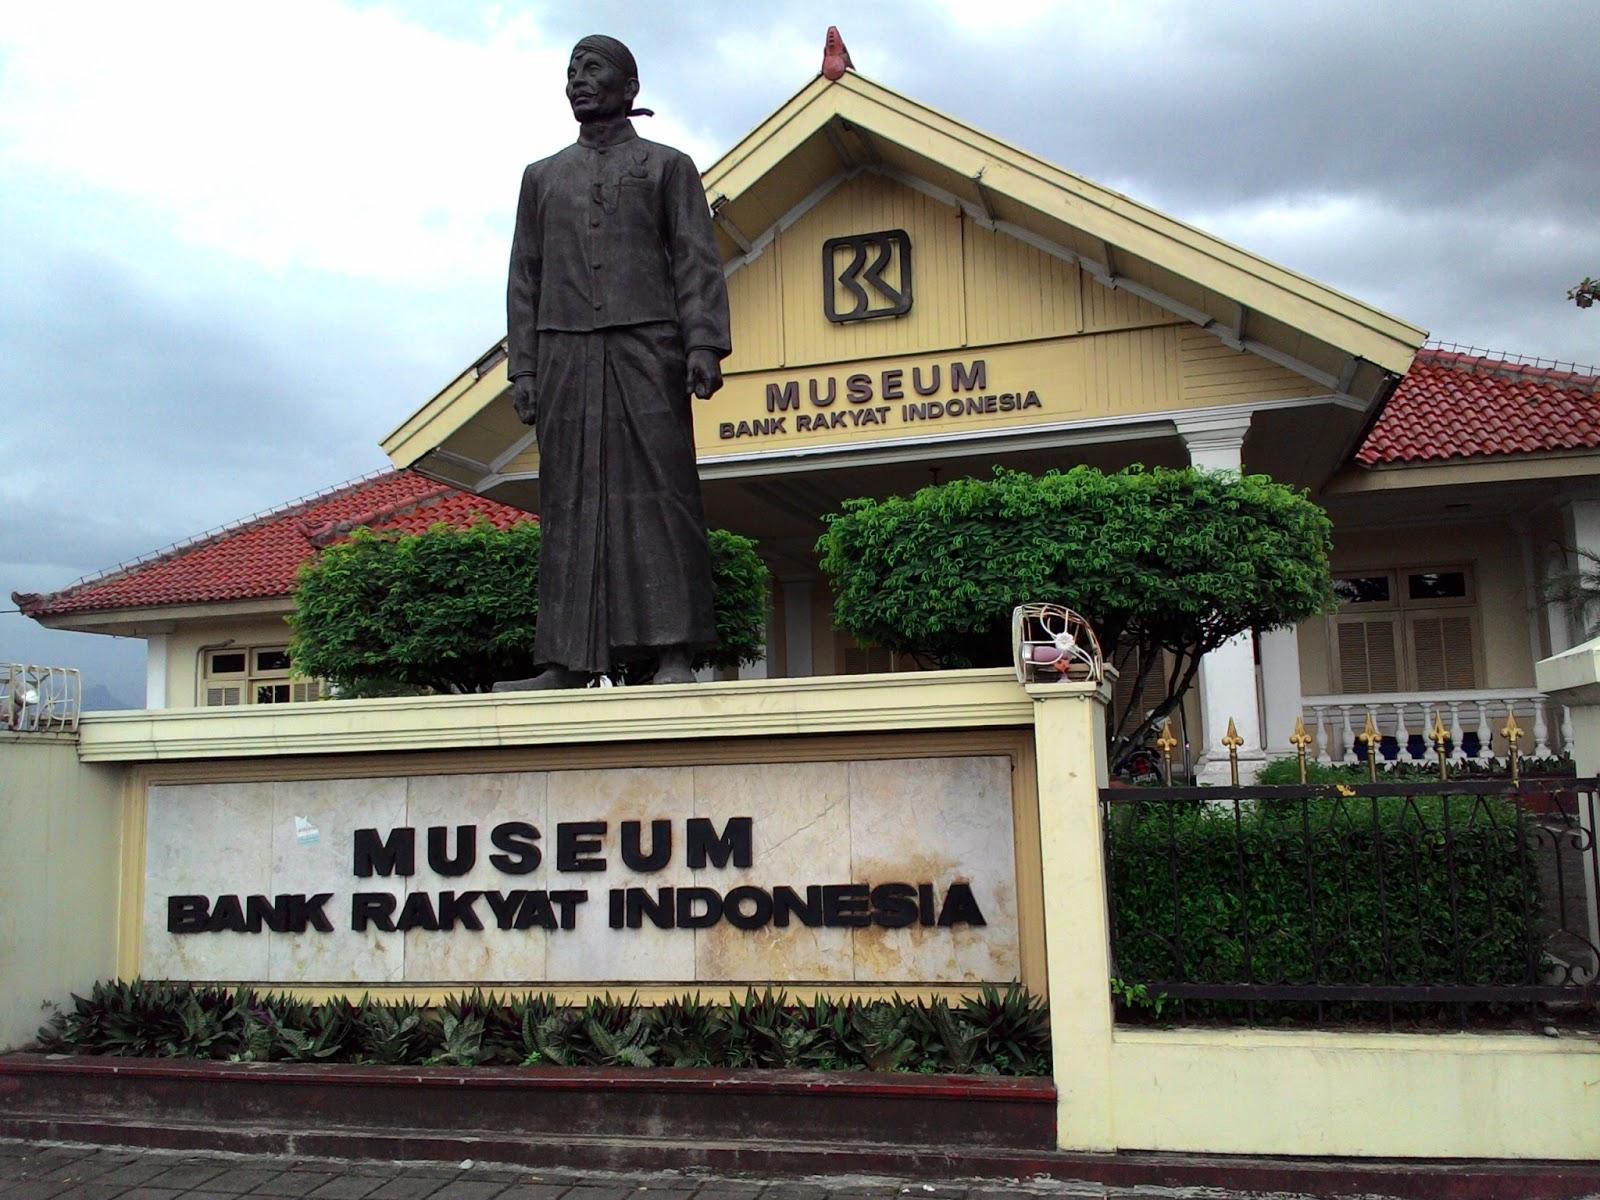 Wisata Sejarah Banyumas Jawa Tengah Museum Bri Https Ensiklo Panglima